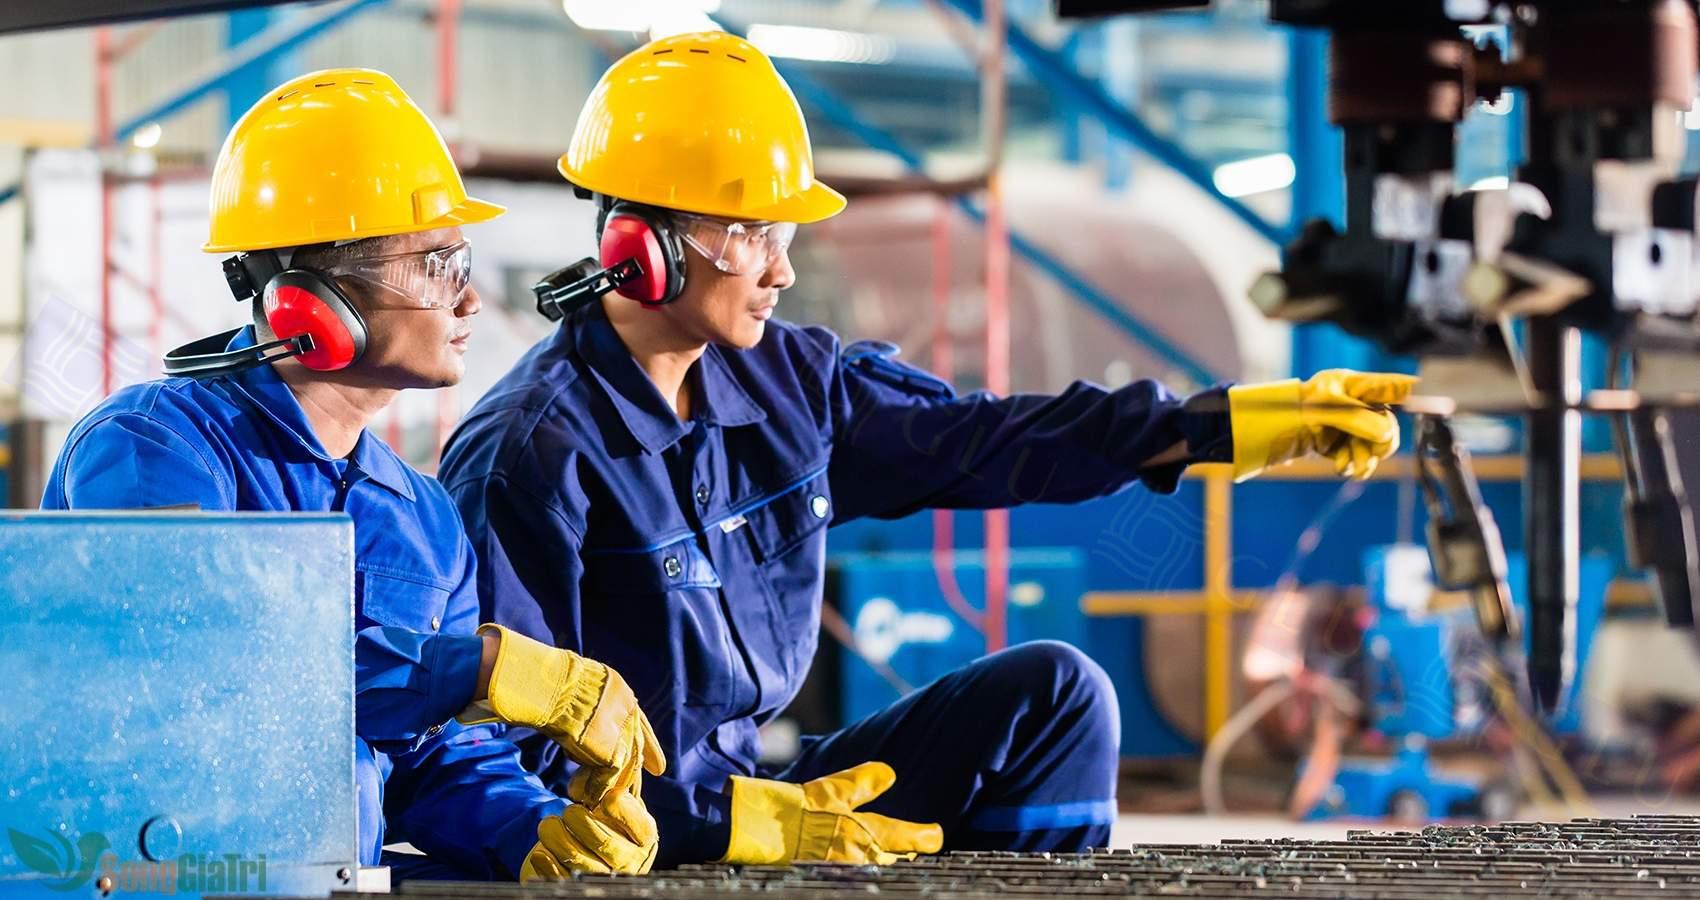 Công nhân thường được xếp vào nhóm nghề nghiệp loại 3